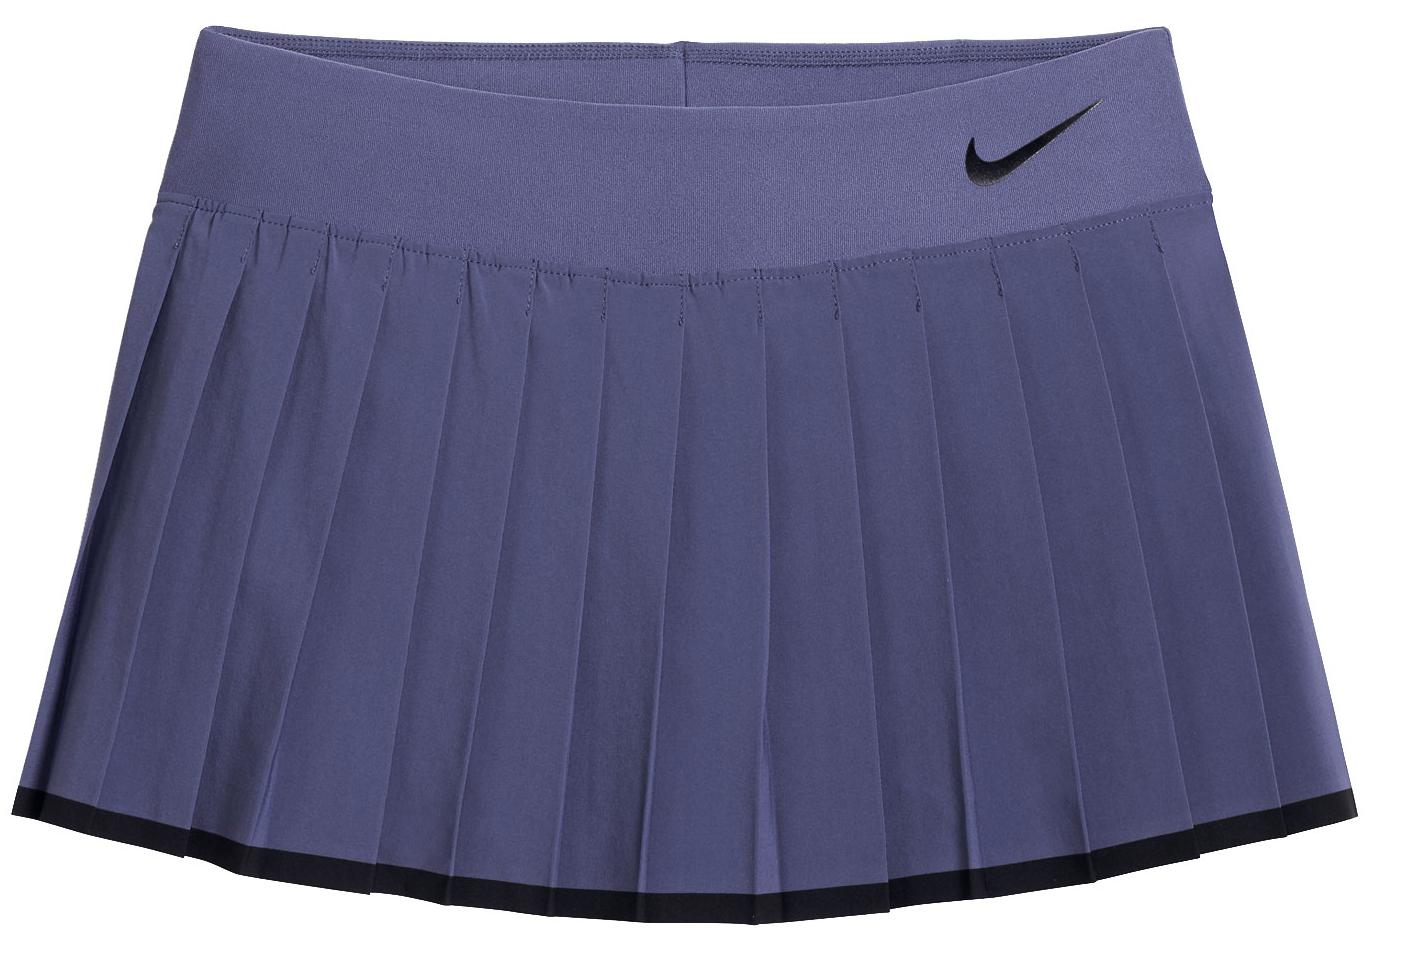 7d6a7b8a Теннисная одежда для девочек Nike, одежда для тенниса Nike, Купить, Цена